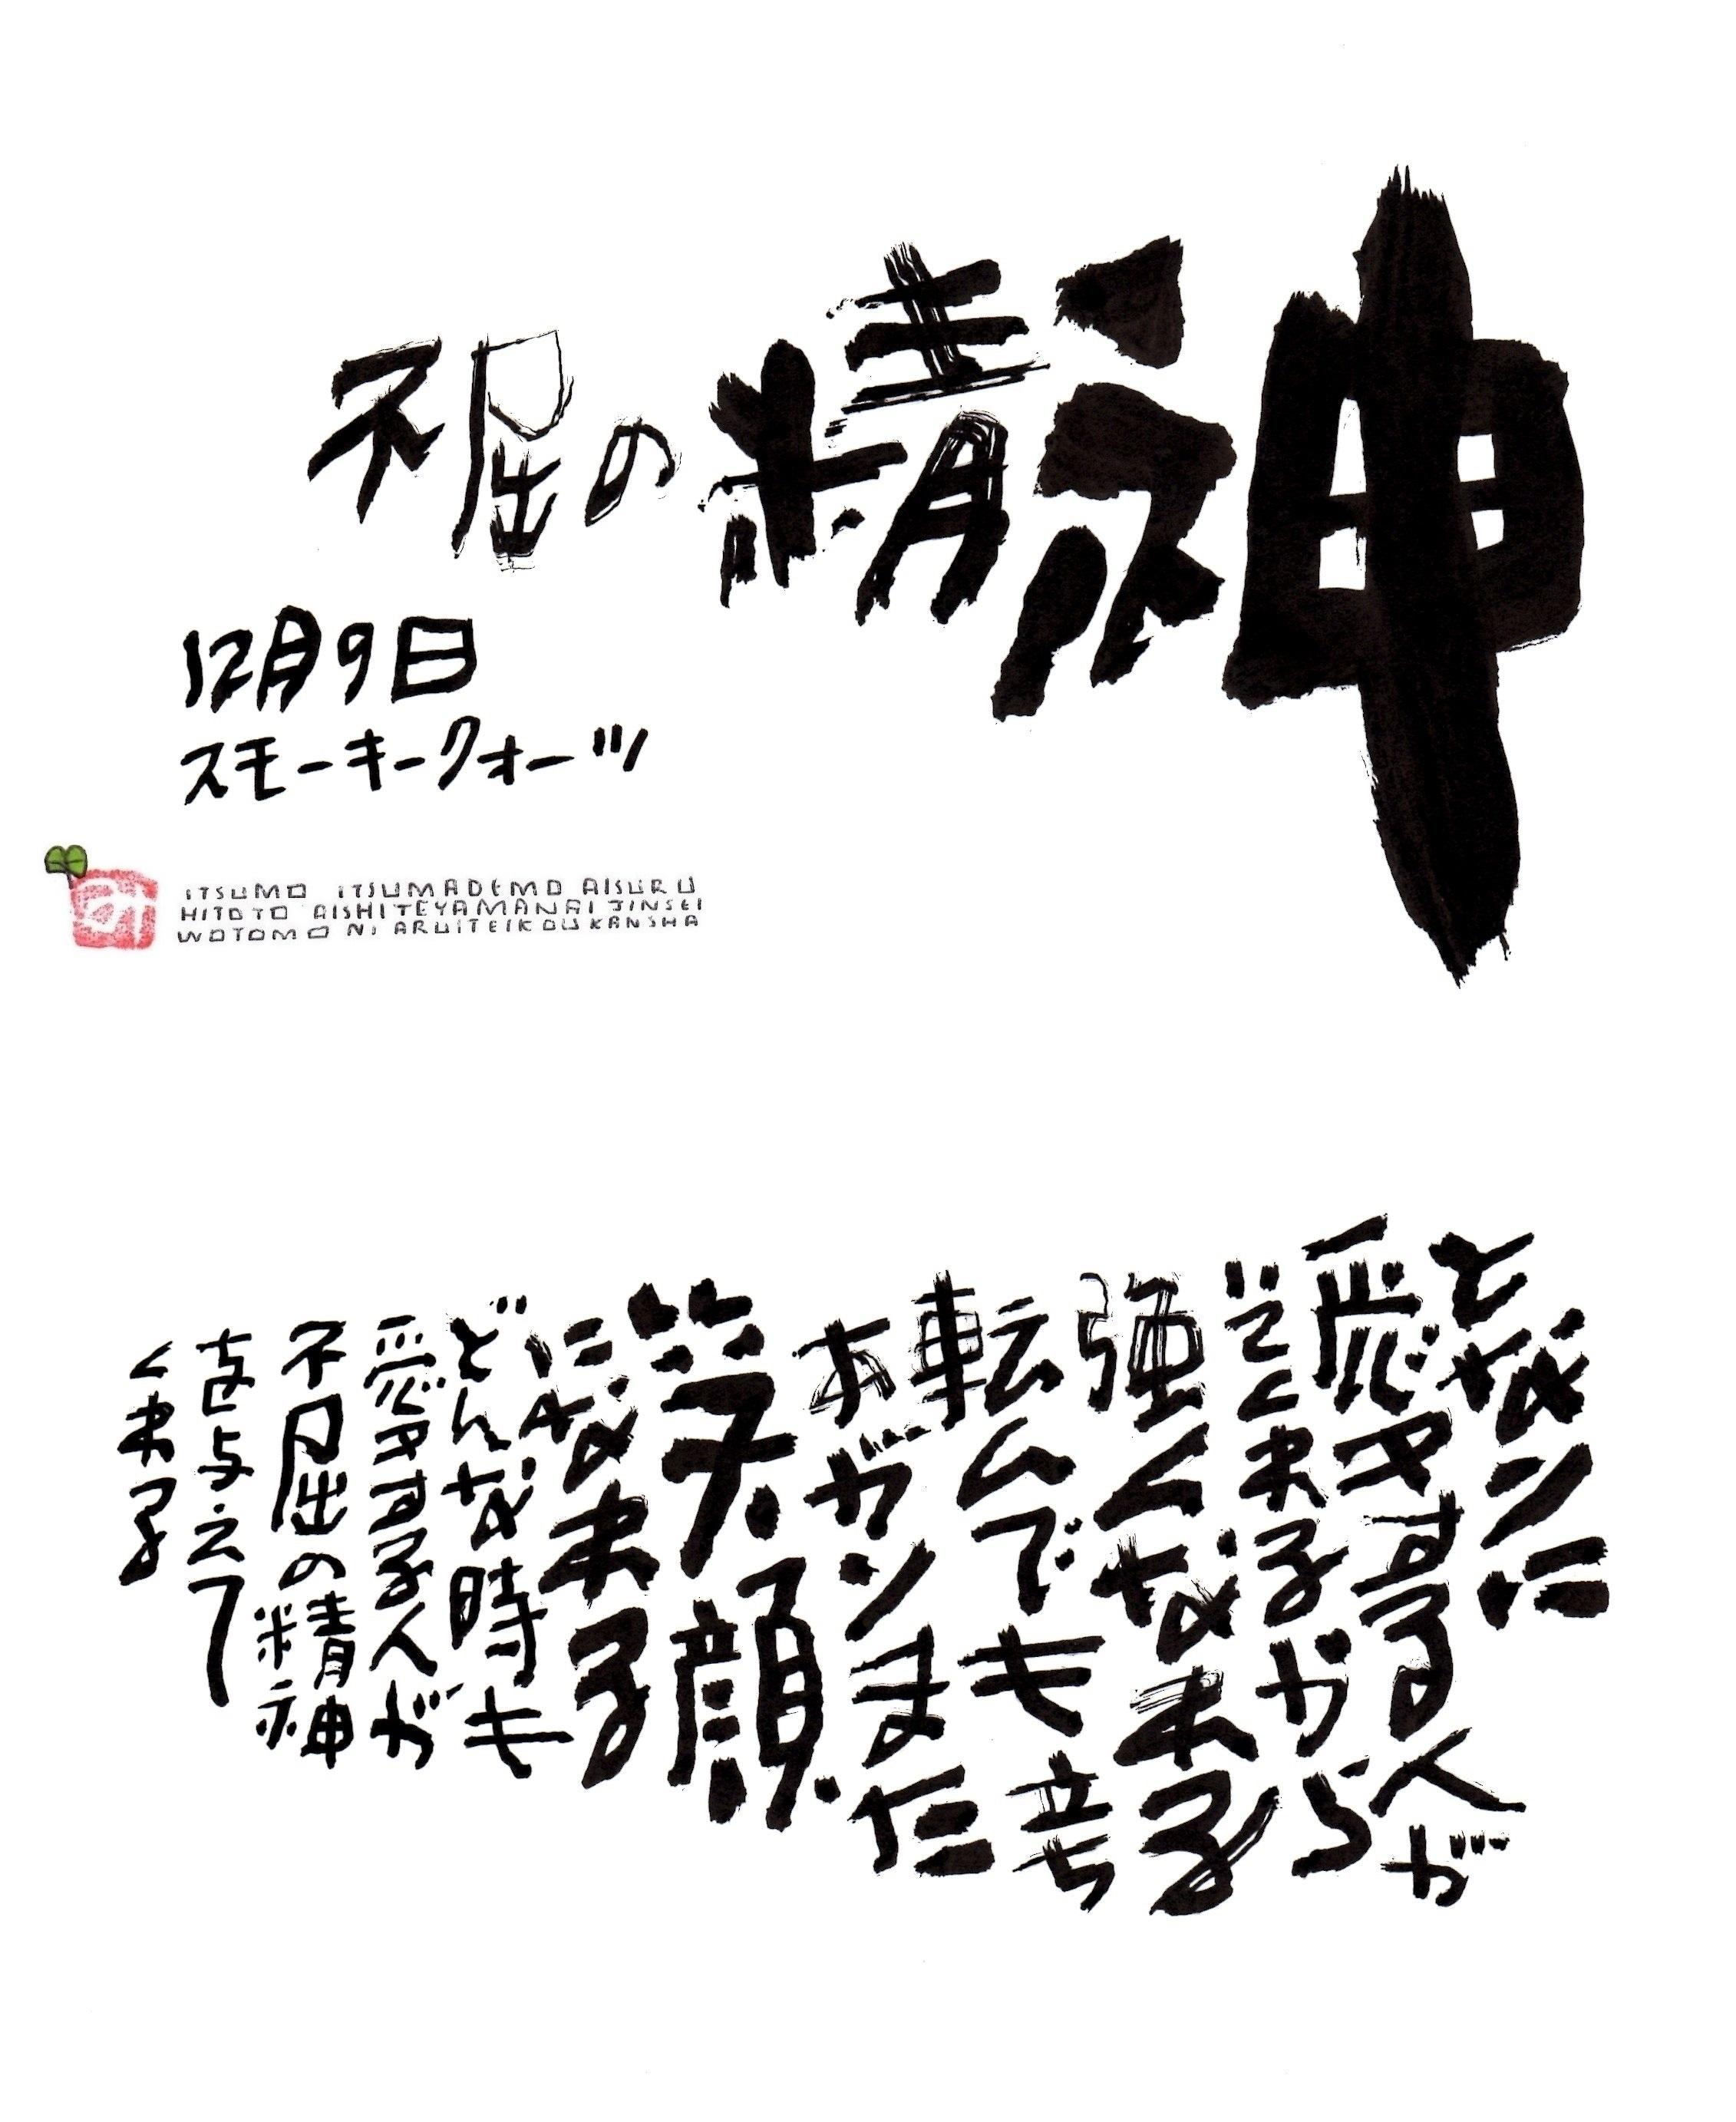 12月9日 結婚記念日ポストカード【不屈の精神】